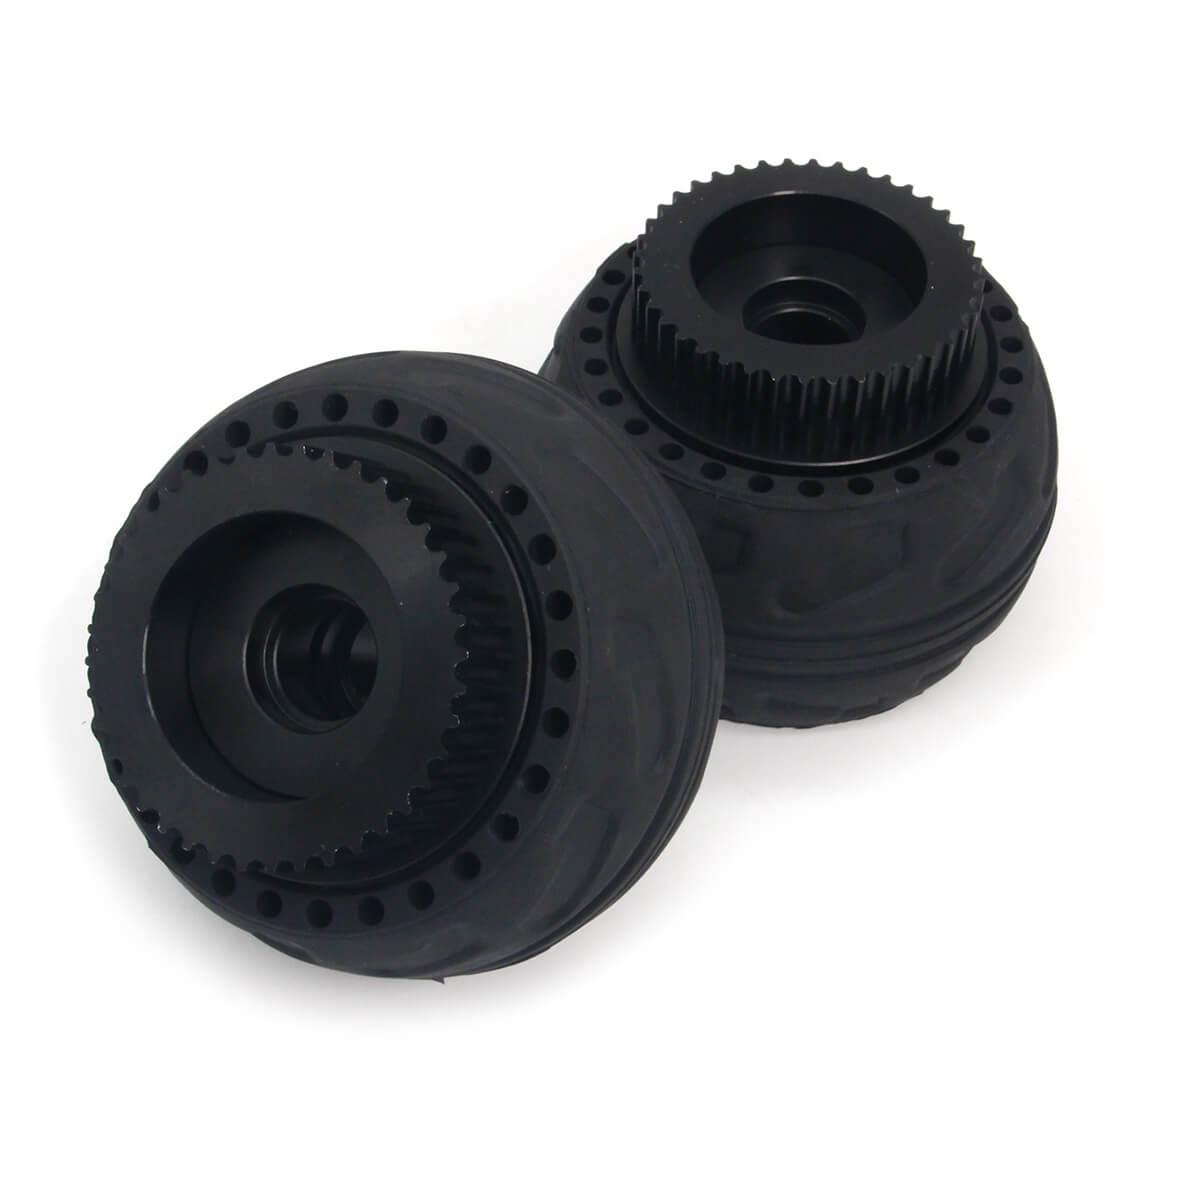 105mm airless wheels-honeycomb type-boundmotor